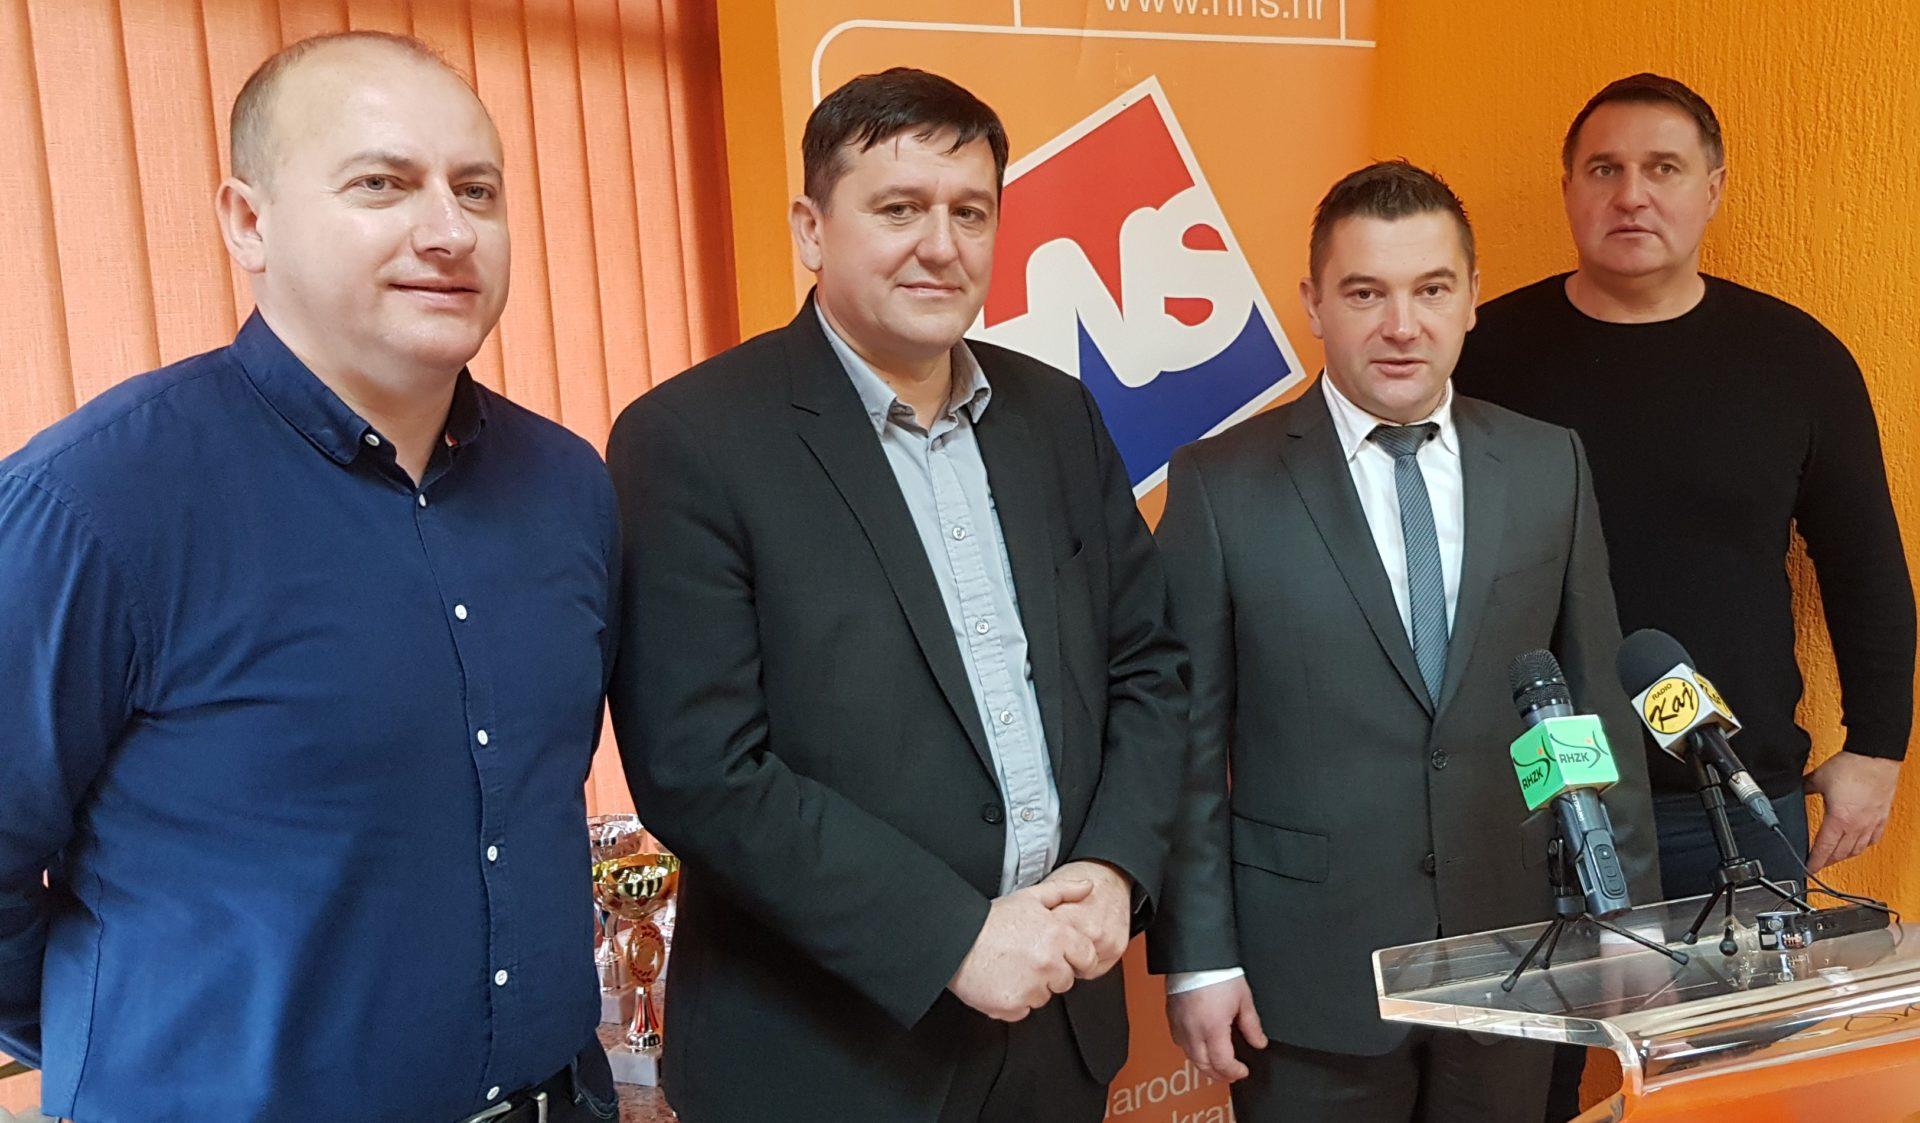 """Robert Šplajt: ,,Ni lijevo, ni desno, nego samo naprijed – s projektima za naše Zagorje!"""""""